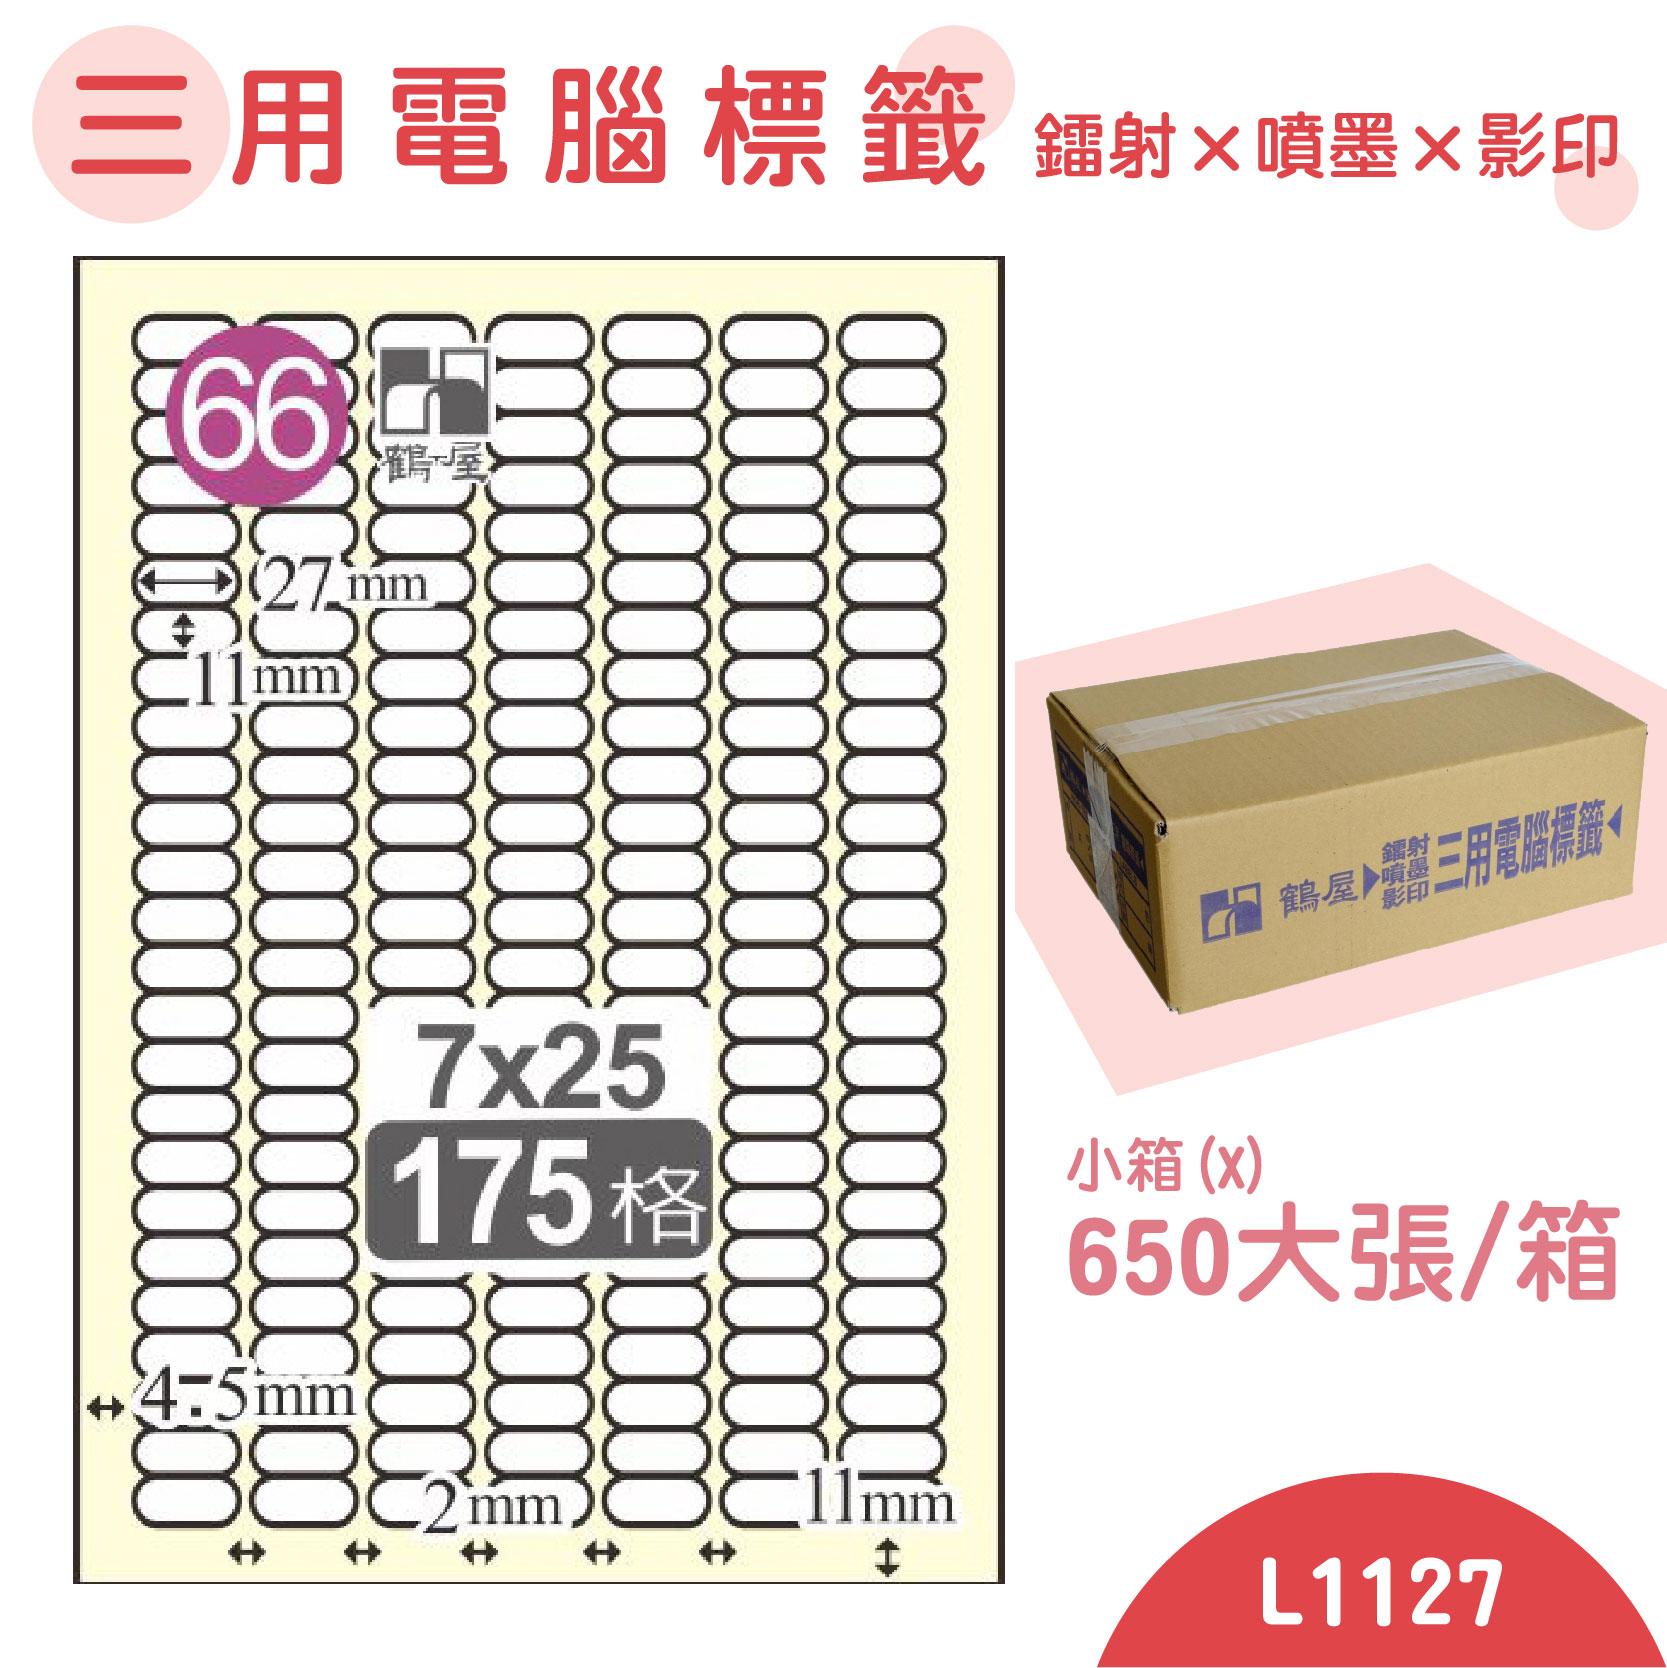 電腦標籤紙(鶴屋) 白色 L1127 175格 650大張/小箱 影印 雷射 噴墨 三用 標籤 貼紙 信封 光碟標籤